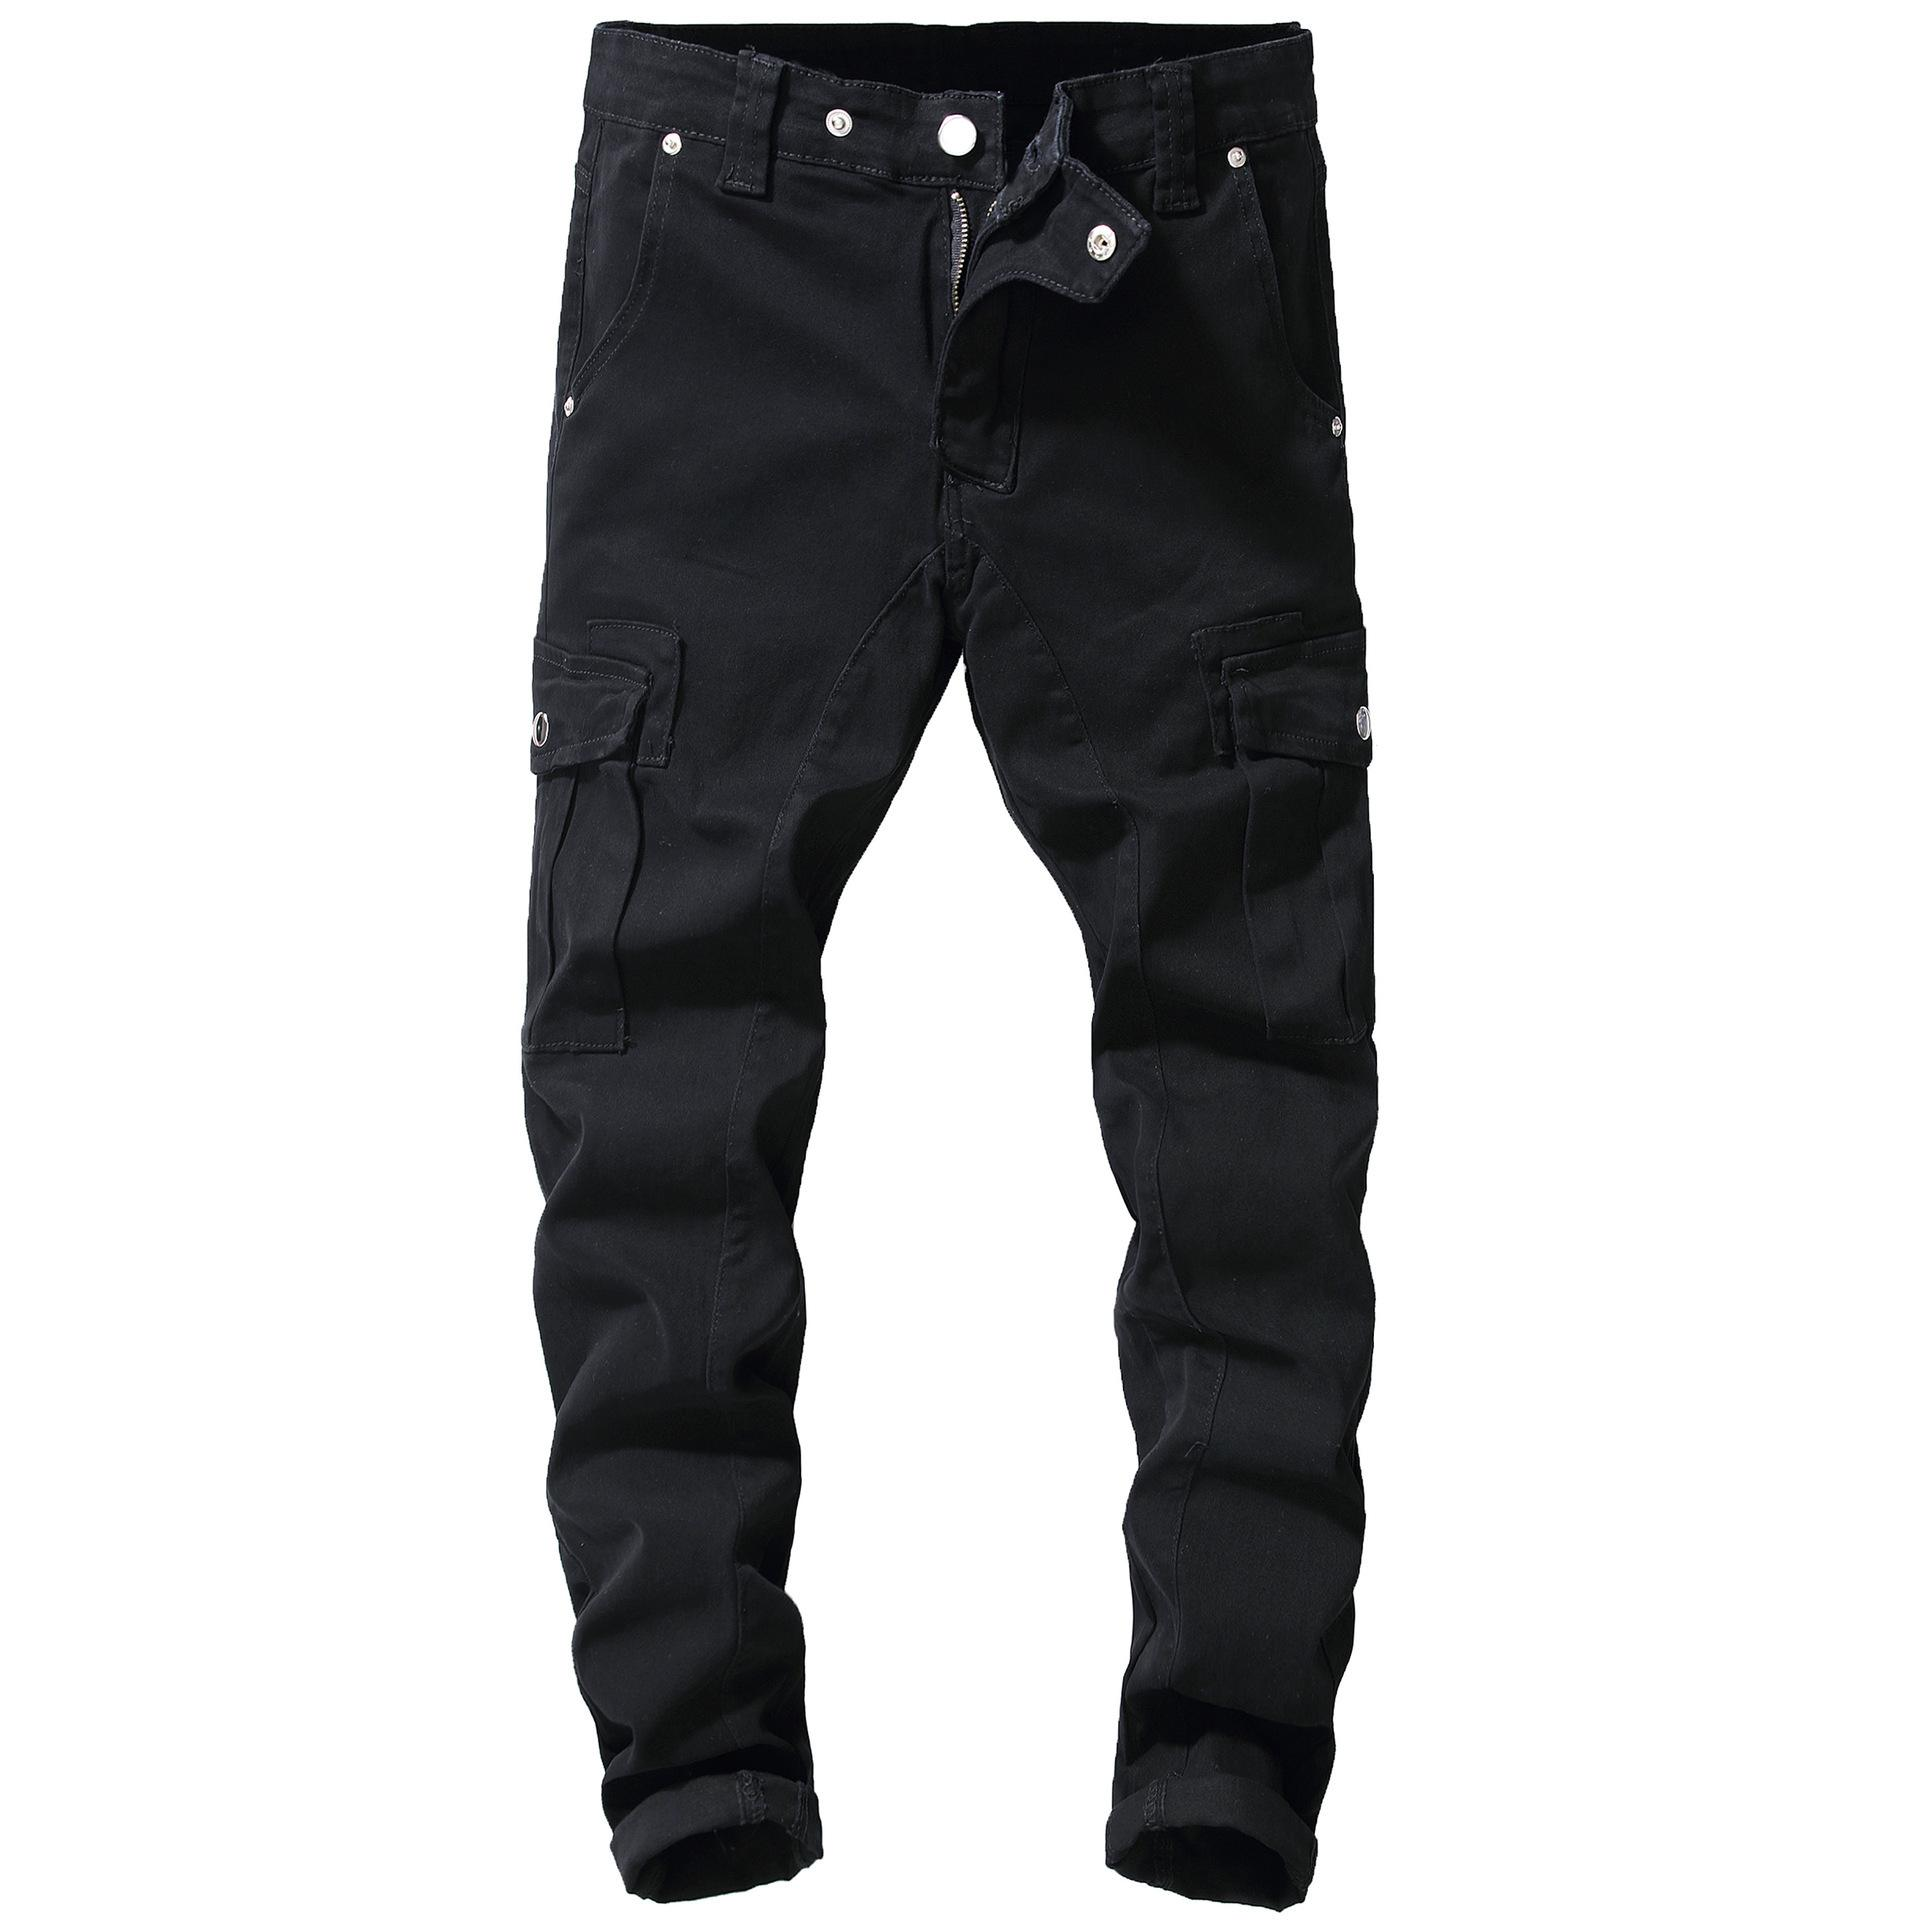 Black Herren Multi-Taschen Tooling Denim Streetwear Cargo Hosen Männer Jeans Mode Designer Hohe Qualität Hip Hop Männlich